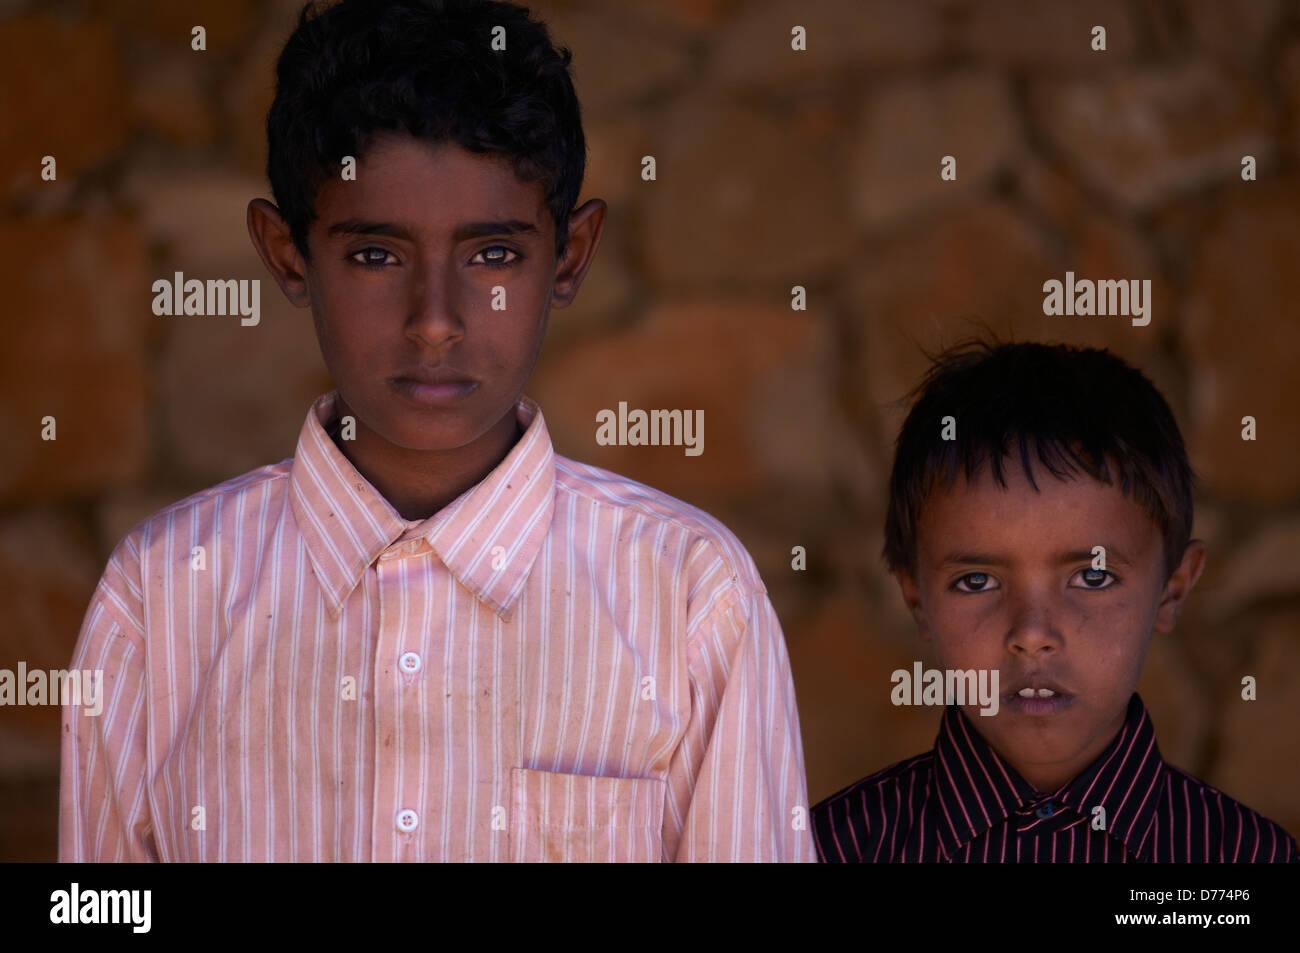 Portraits de deux garçon Photo Stock